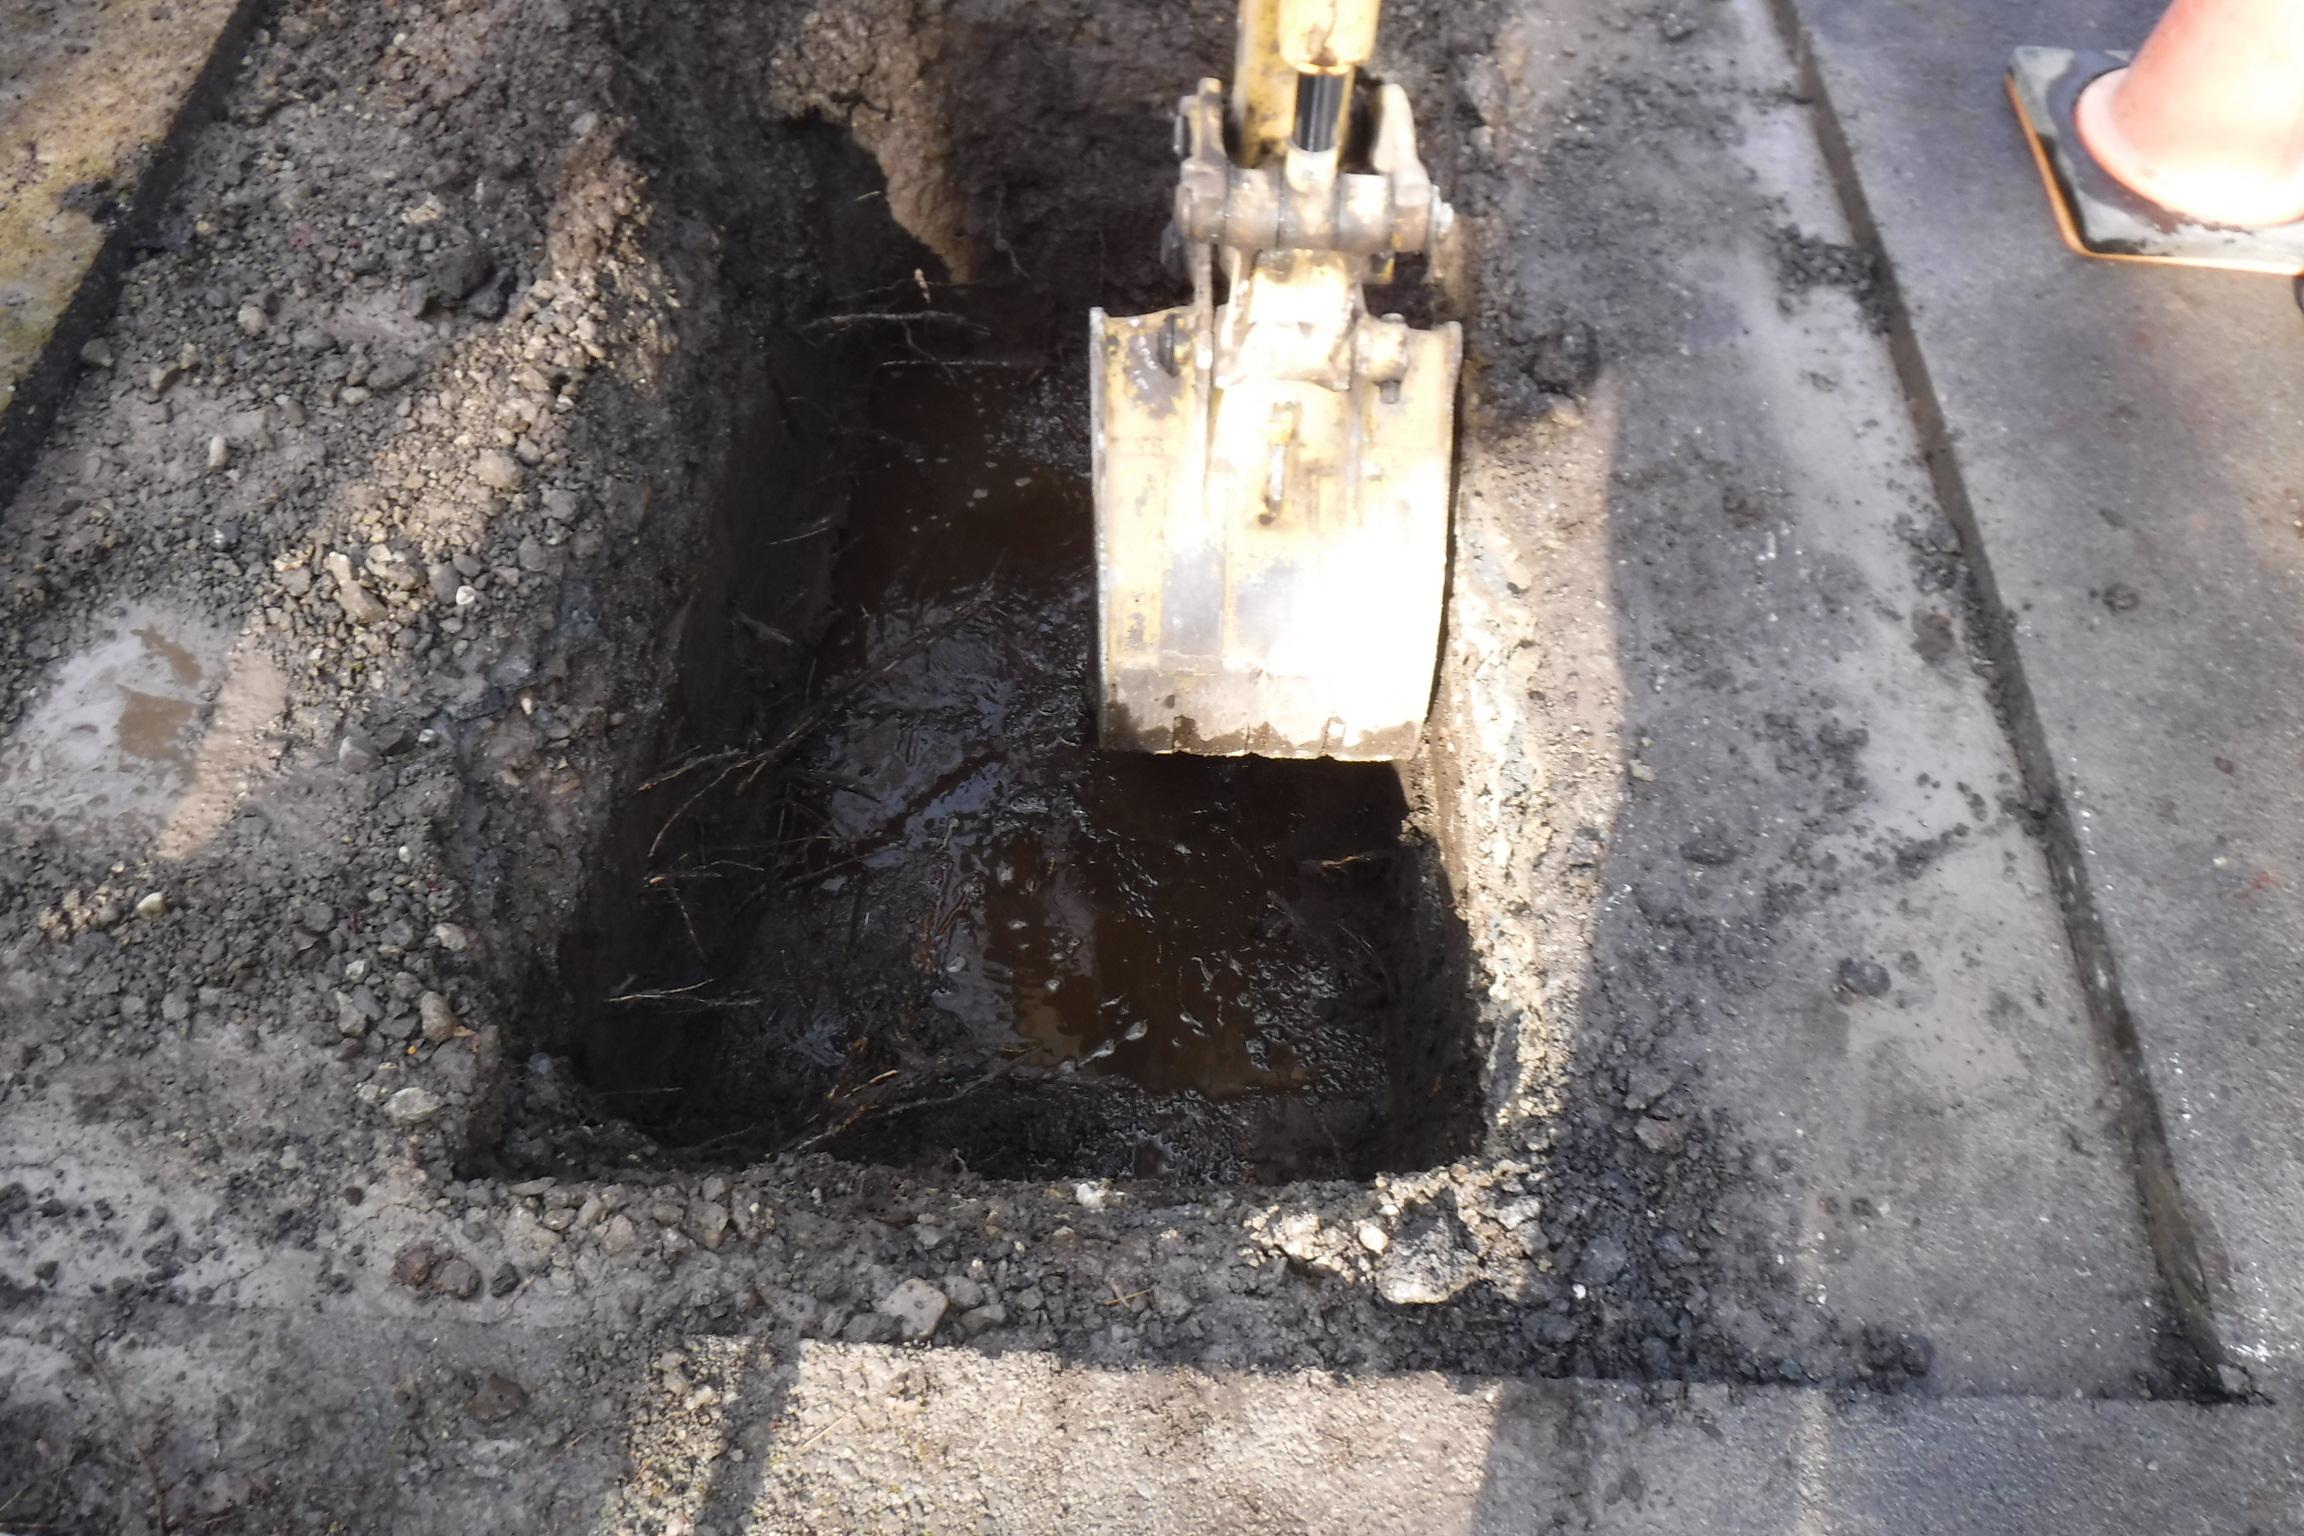 江戸川 区 沿道 掘削